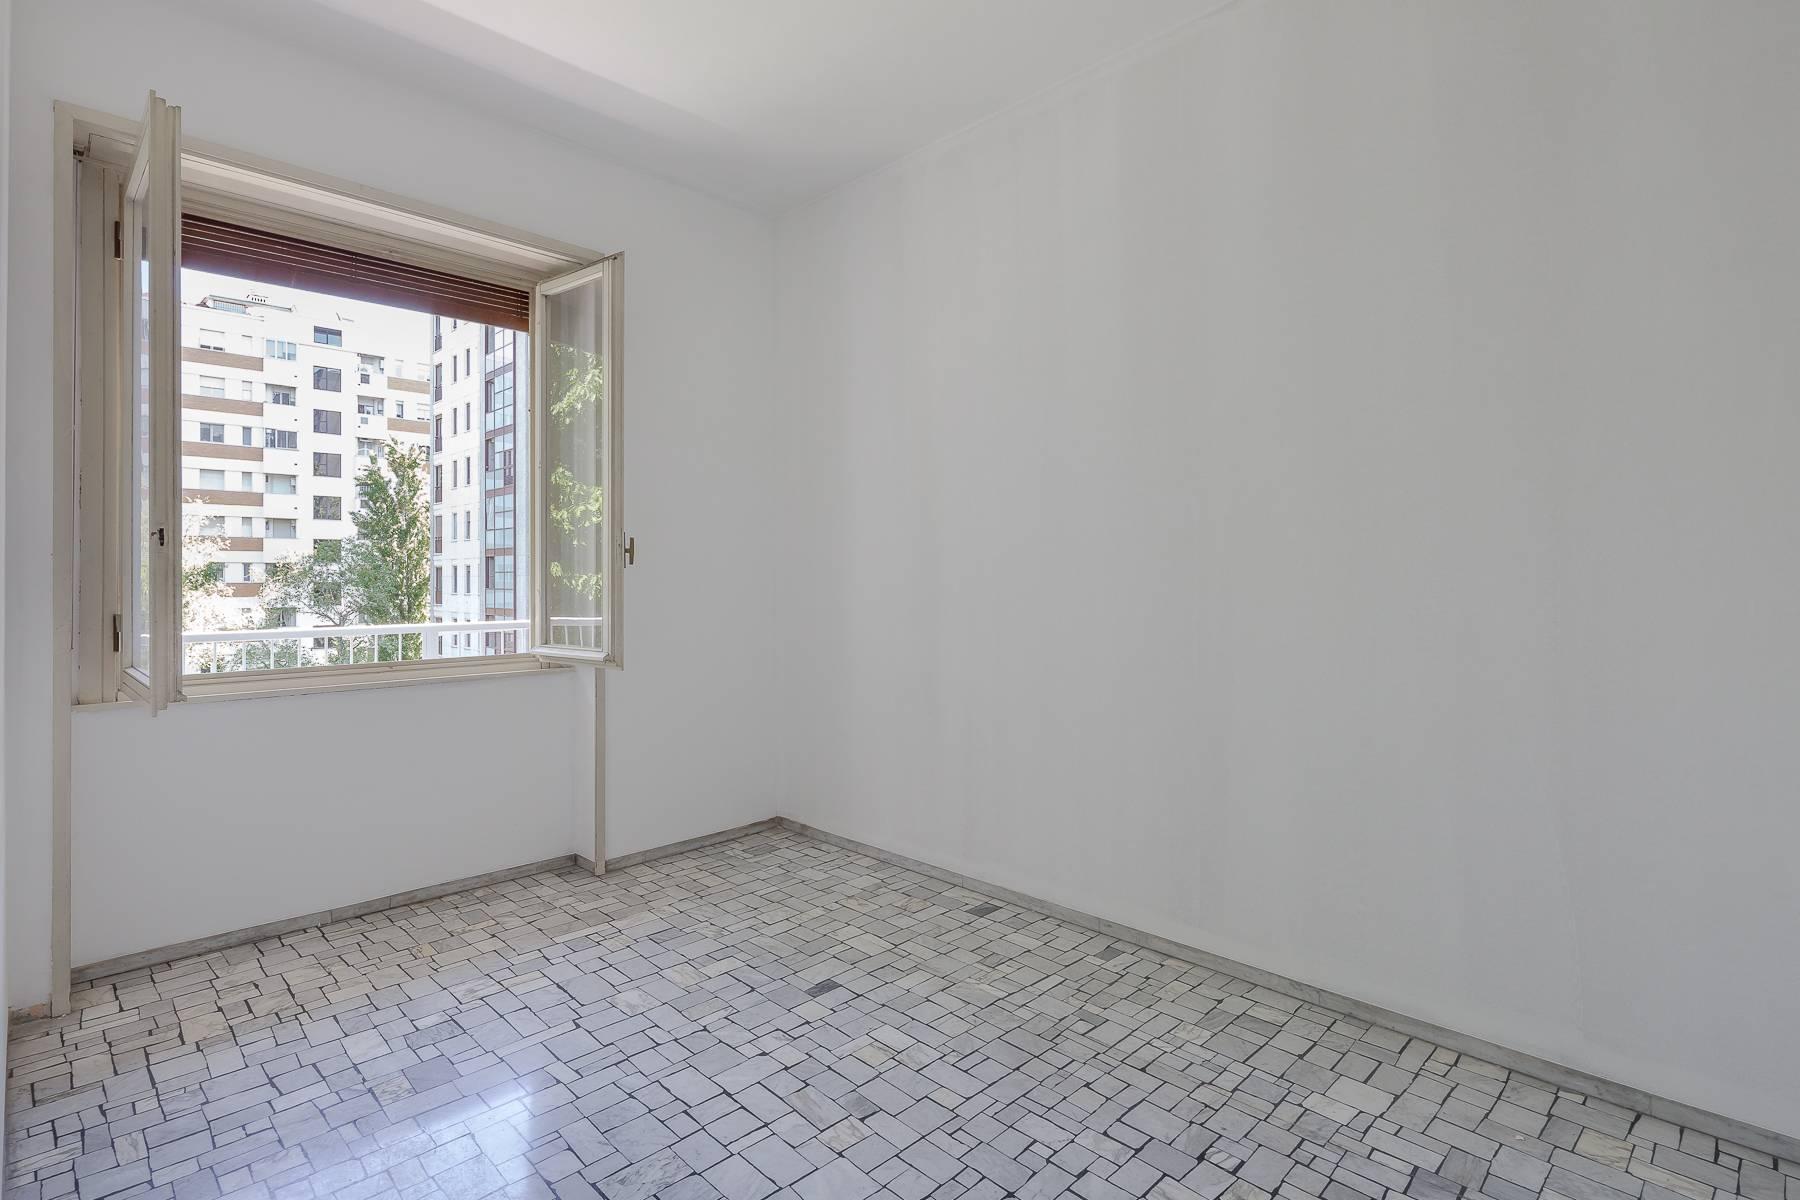 Appartamento in Vendita a Milano: 5 locali, 150 mq - Foto 22